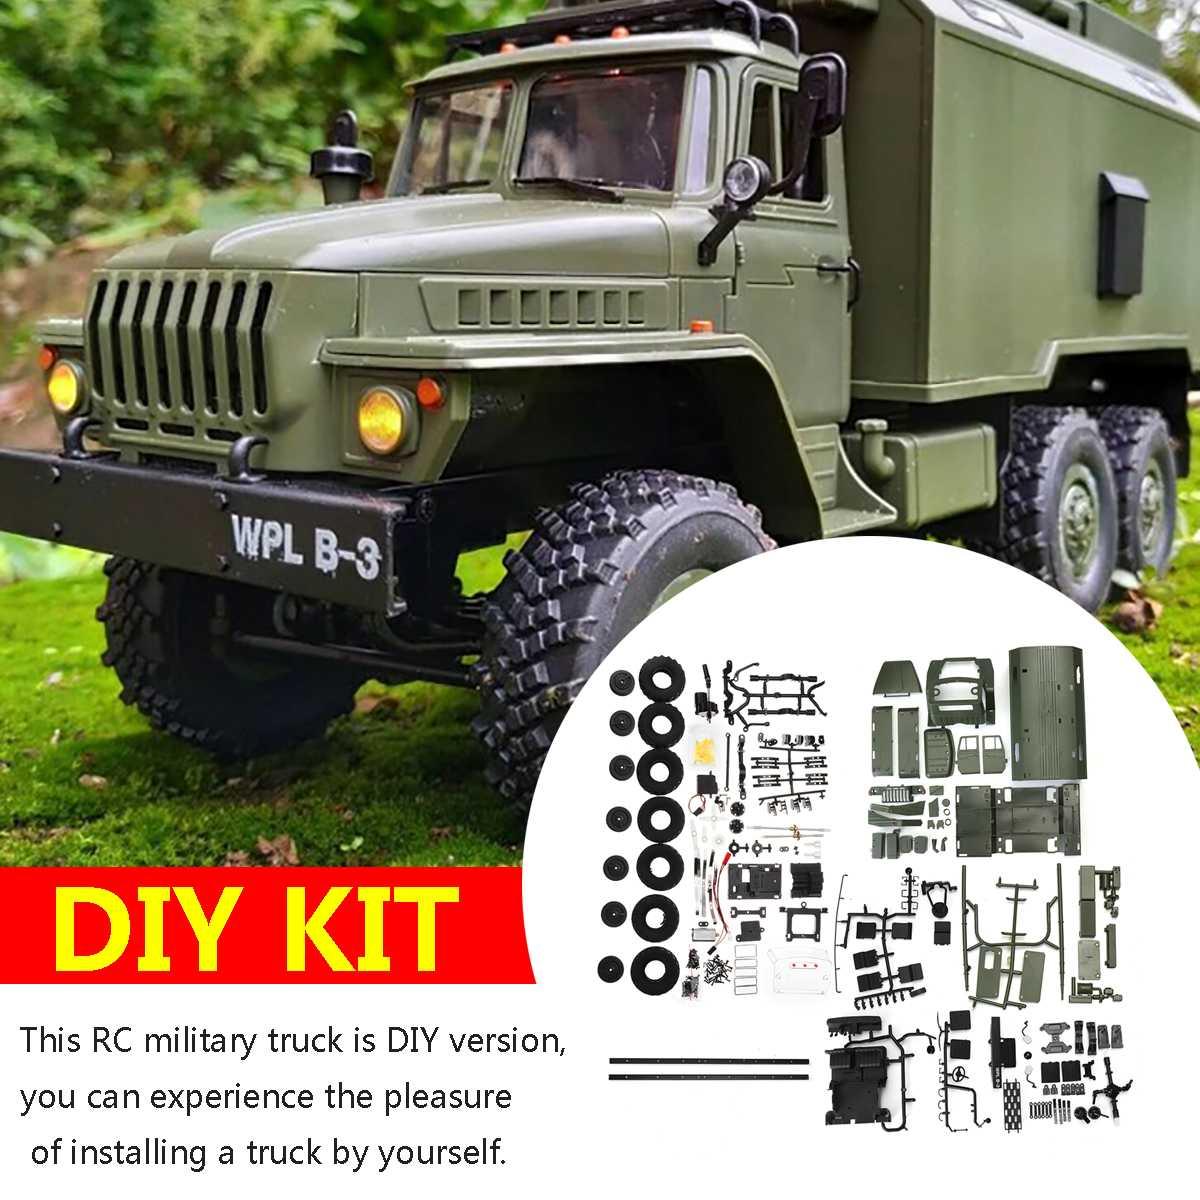 WPL B36 kit de bricolage 1/16 2.4G 6WD RC chenille militaire camion voiture de noël jouet cadeau télécommande tout-terrain Cartoys Buggy armée à distance